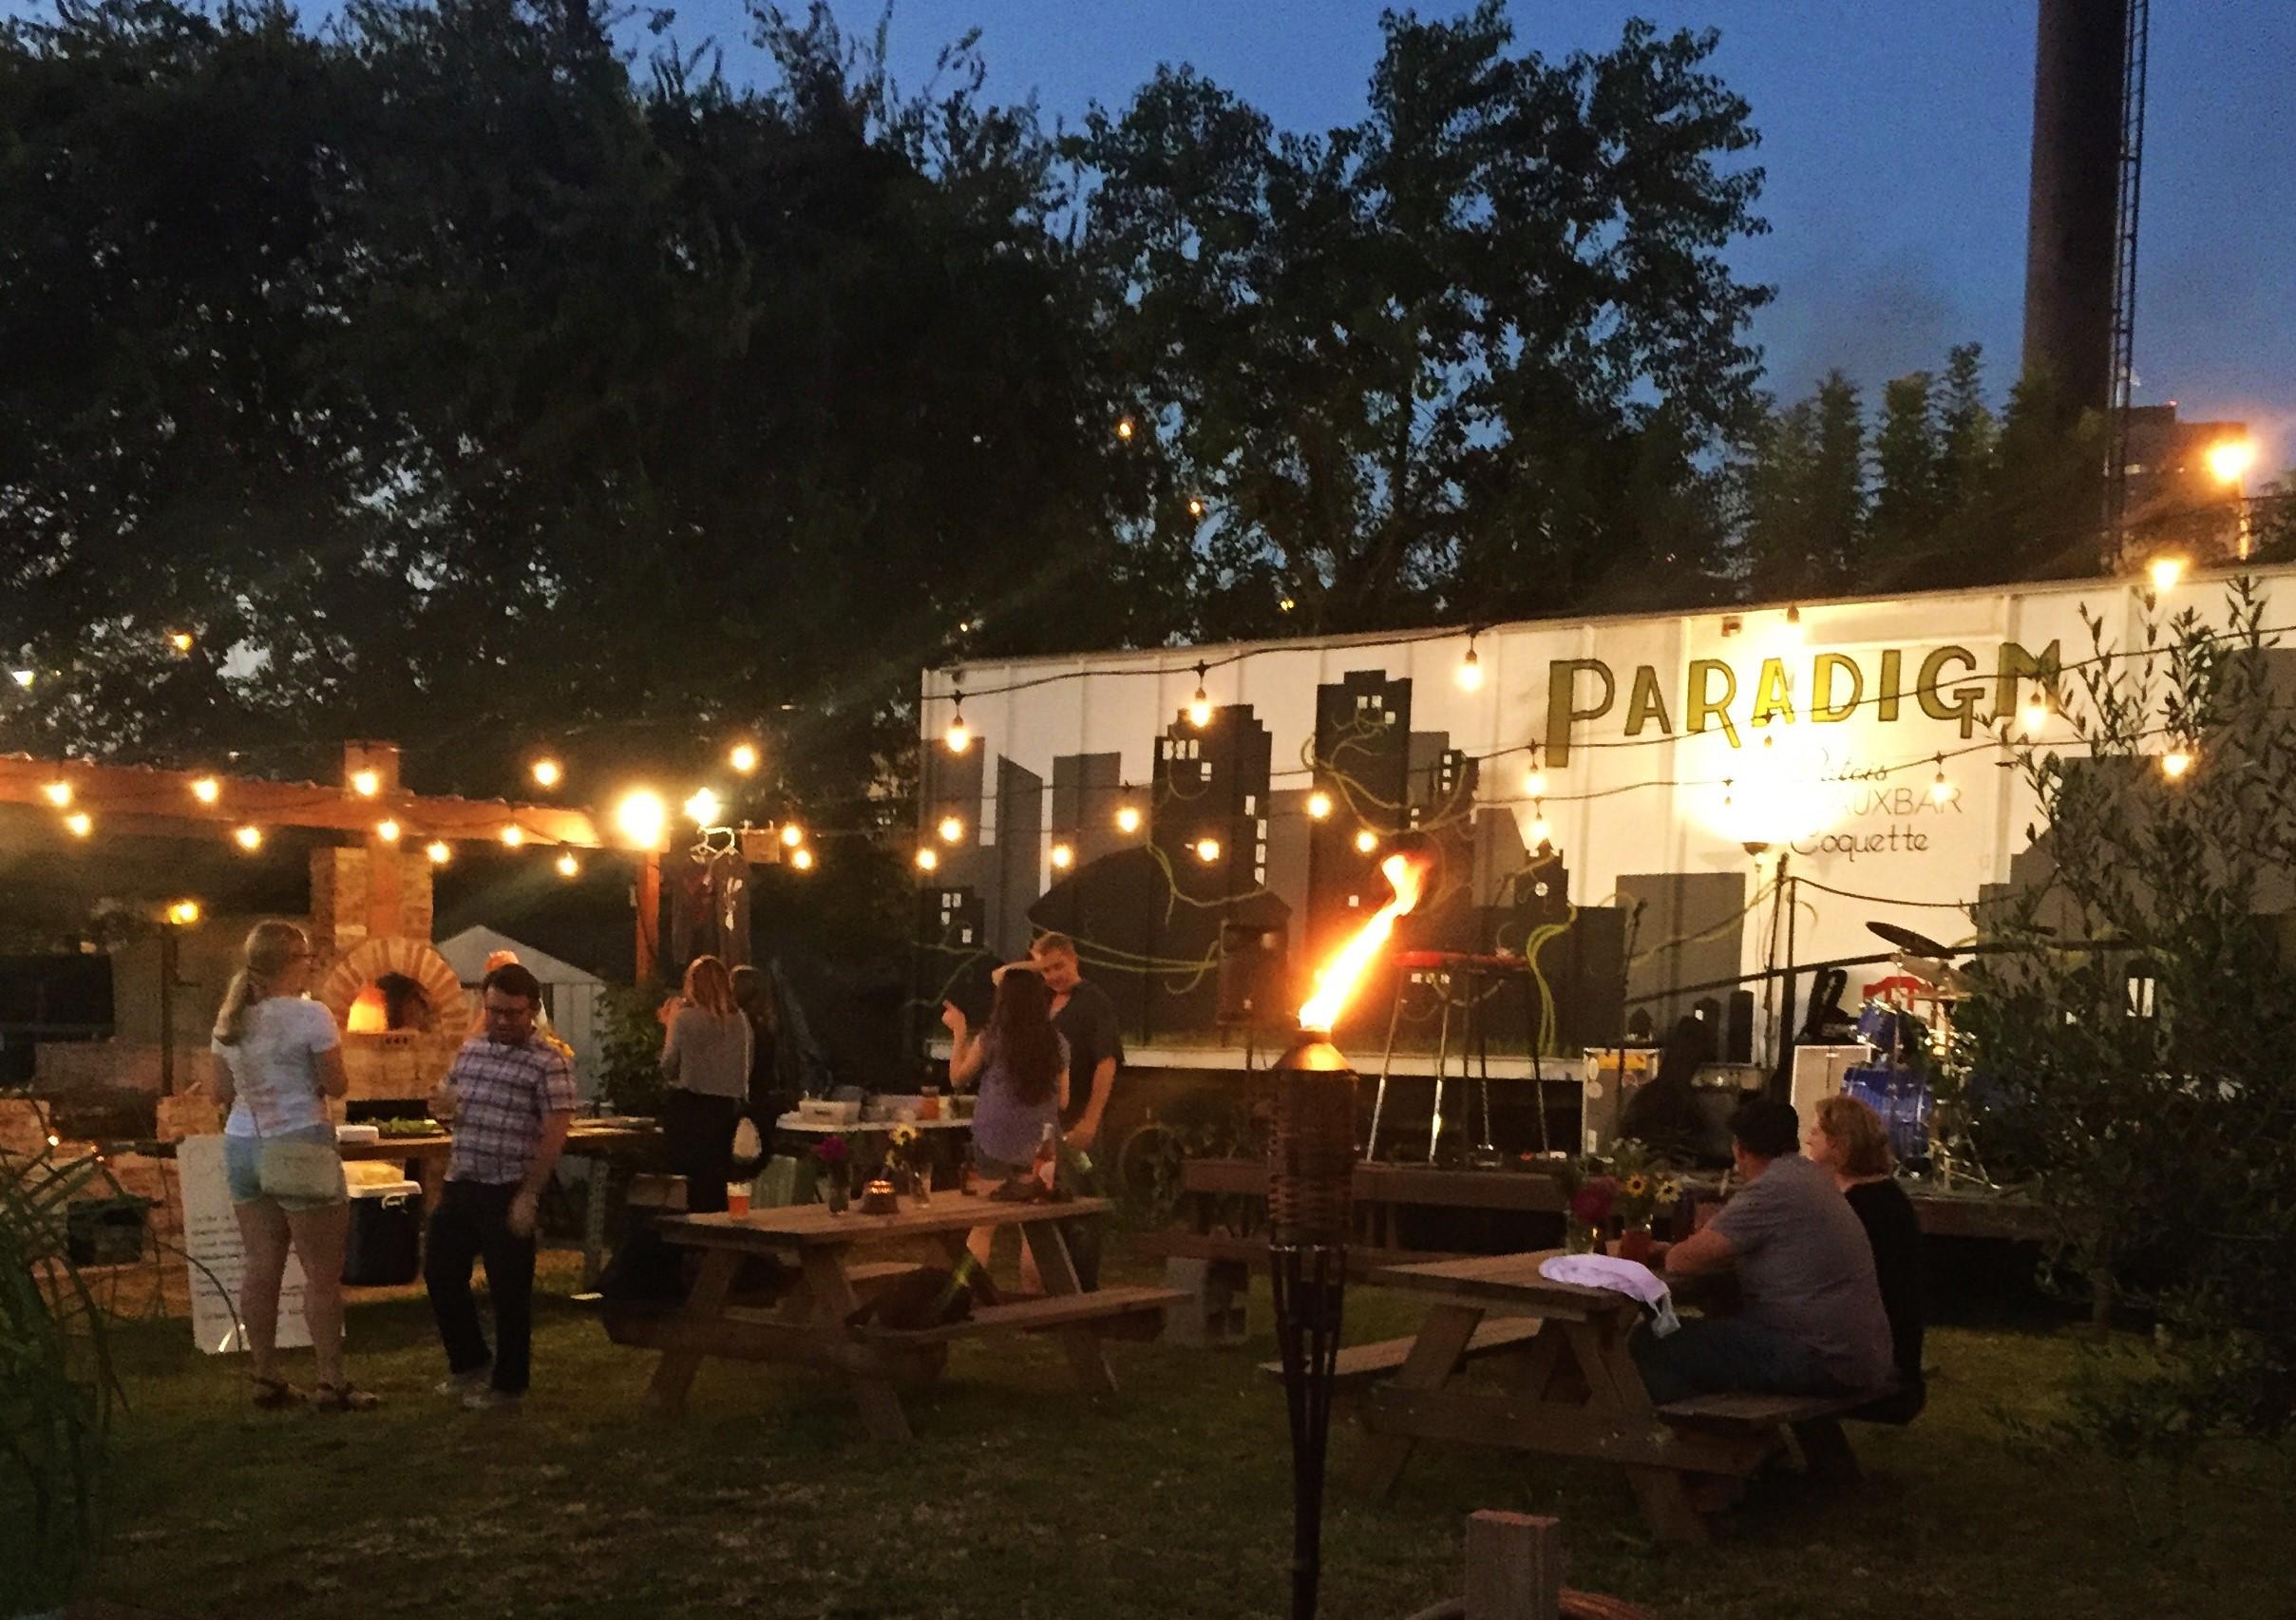 Paradigm Gardens Concert Series - GoNOLA.com